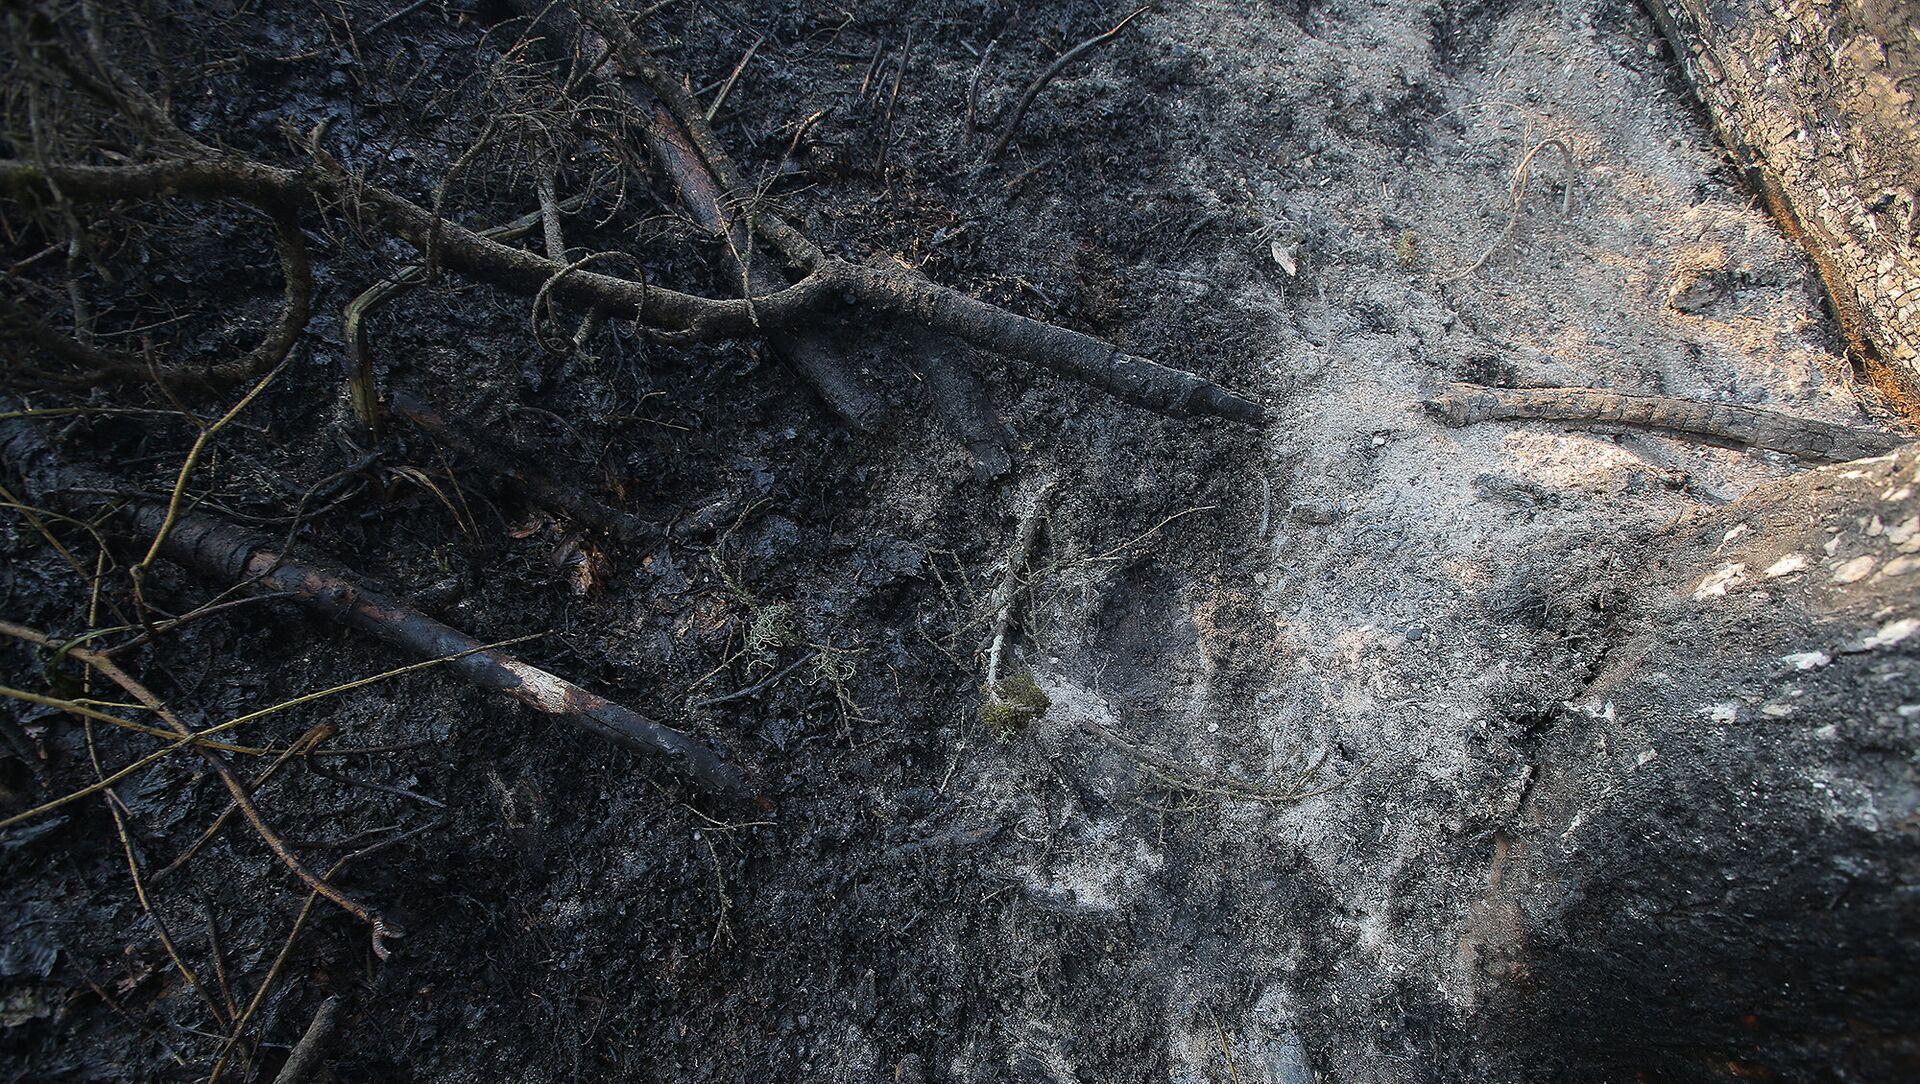 Сгоревшие ветви деревьев после пожара в Боржоми-Харагаульском лесу - Sputnik Грузия, 1920, 26.05.2021